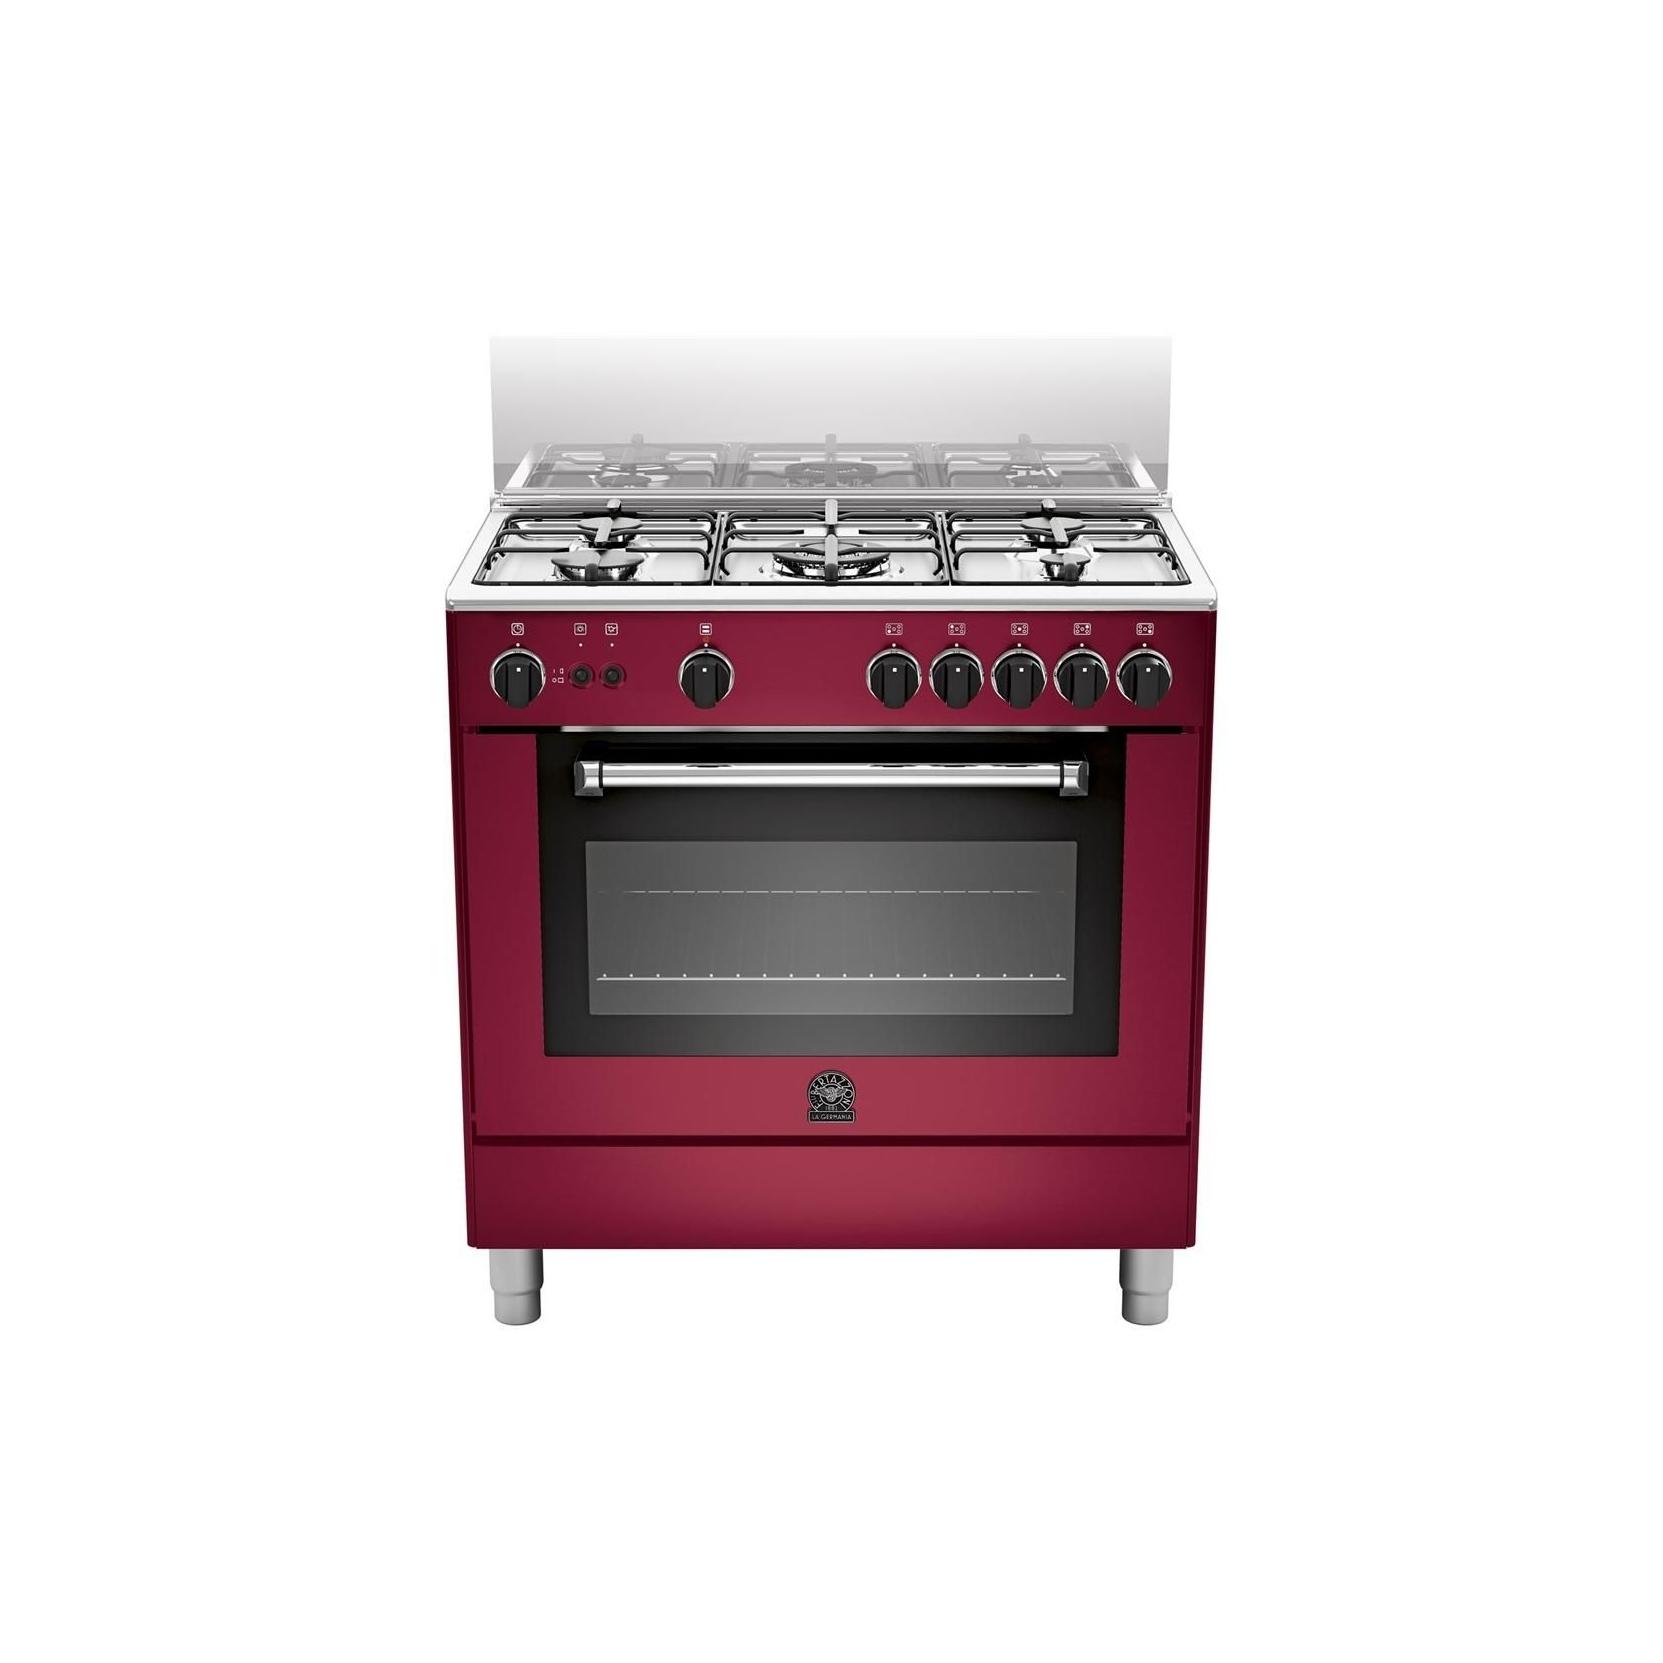 Cucina a gas la germania am85c71cvi 5 fuochi a gas forno a gas 80x50 cm colore vino elettrovillage - Cucine a gas samsung ...